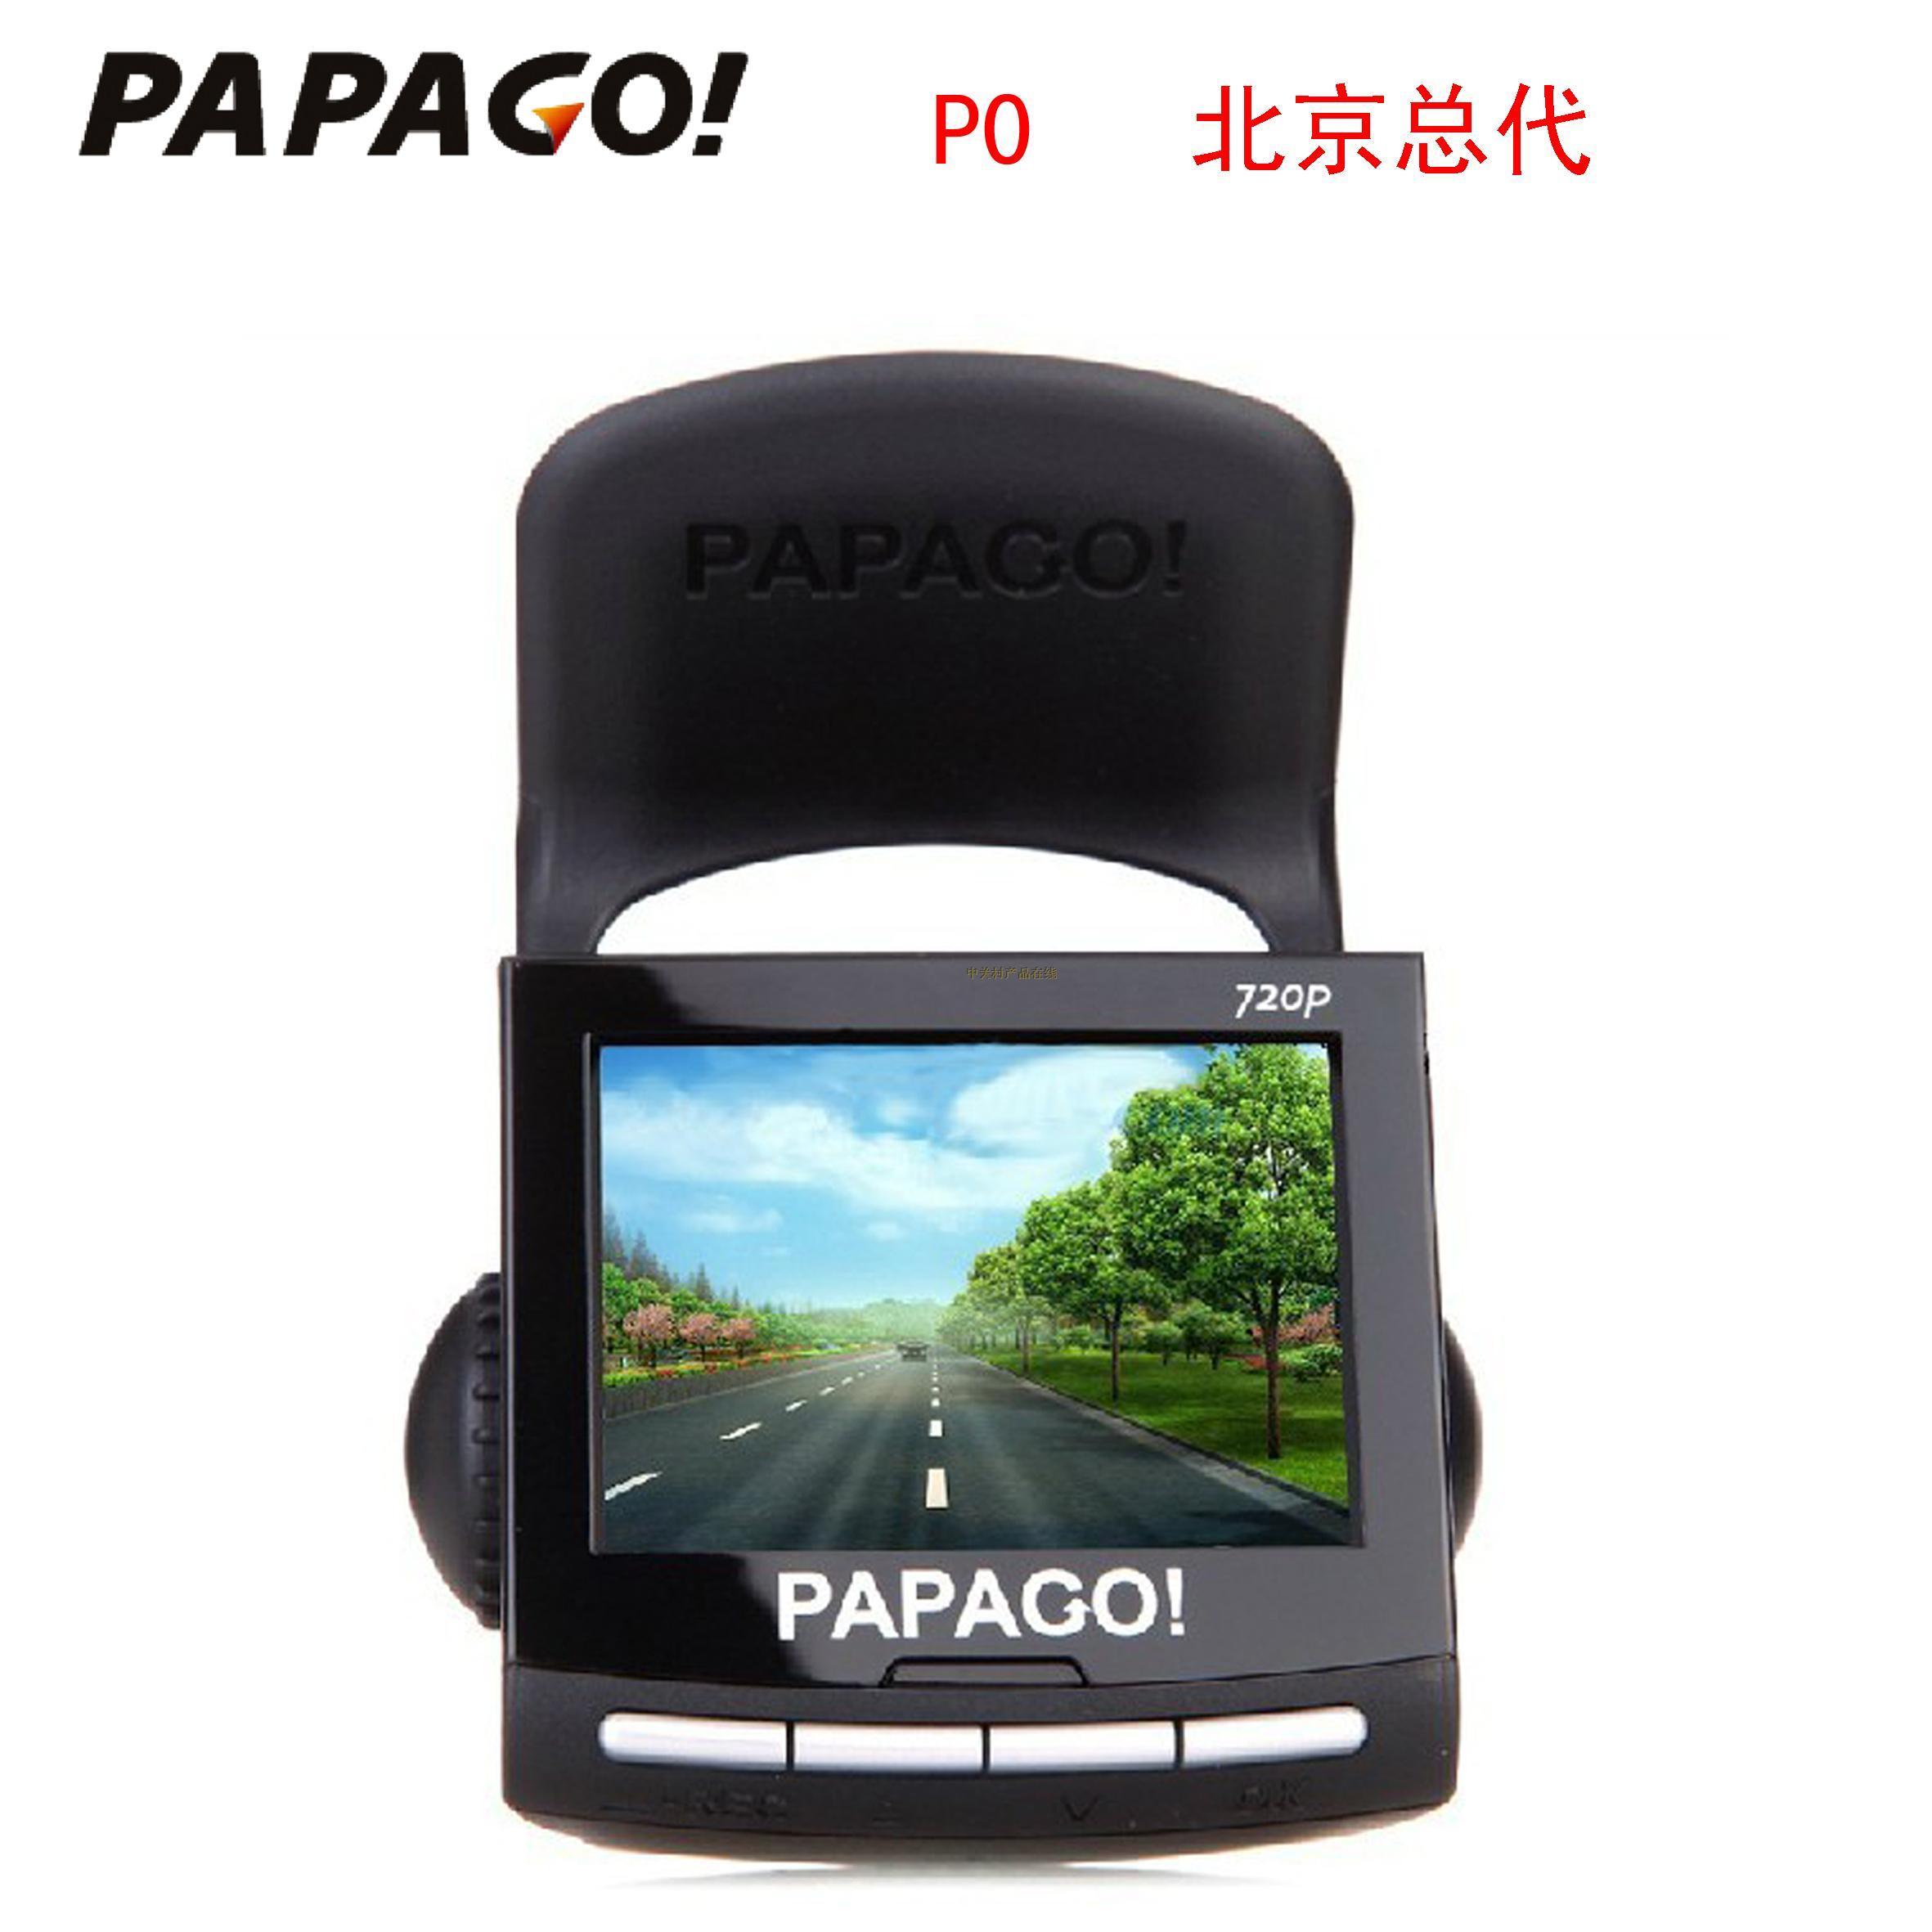 Видеорегистратор papago p0 цена видеорегистратор где купить в германии